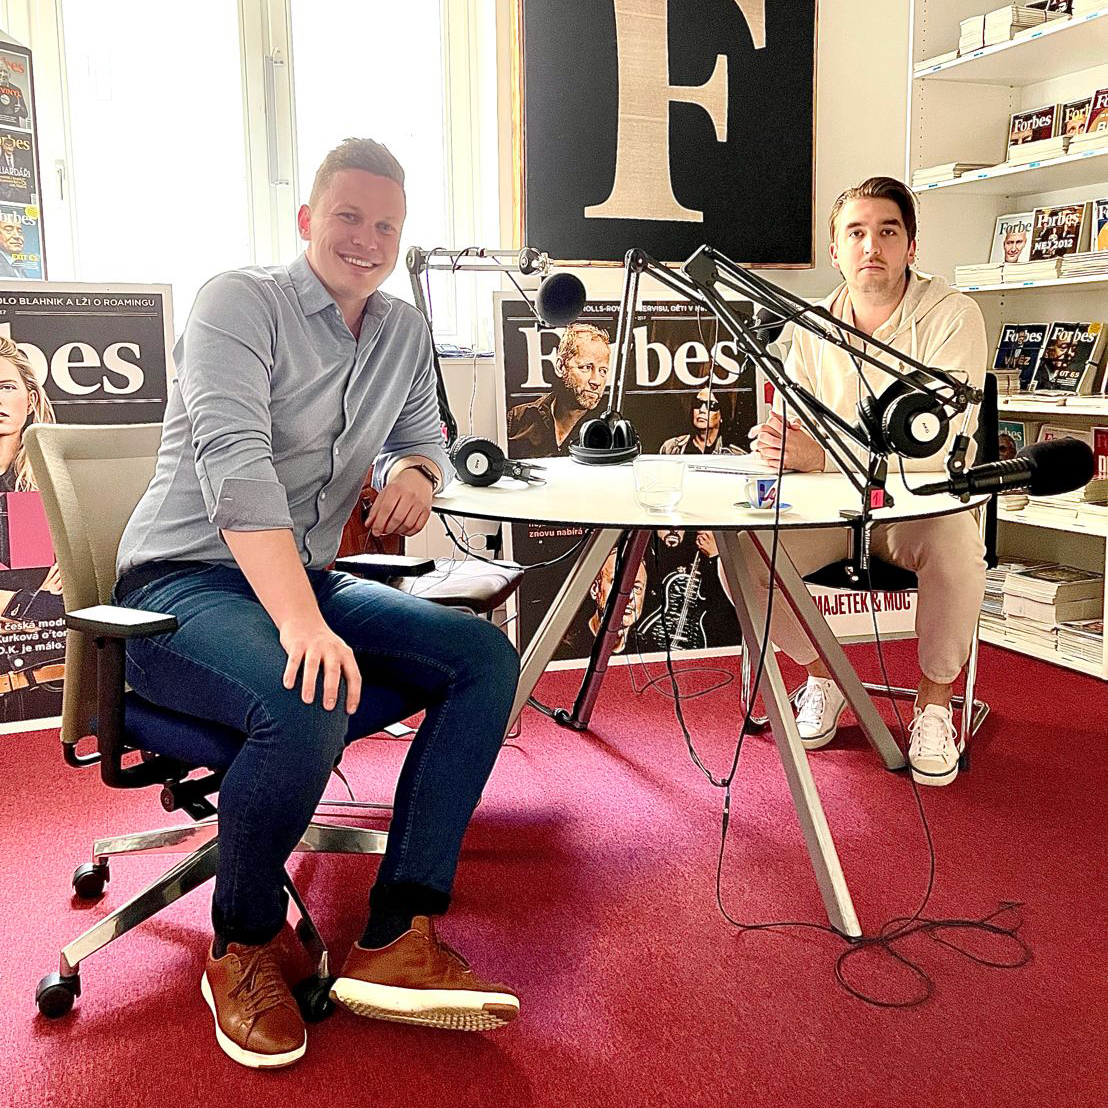 Poslechněte si podcast s Janem Musilem